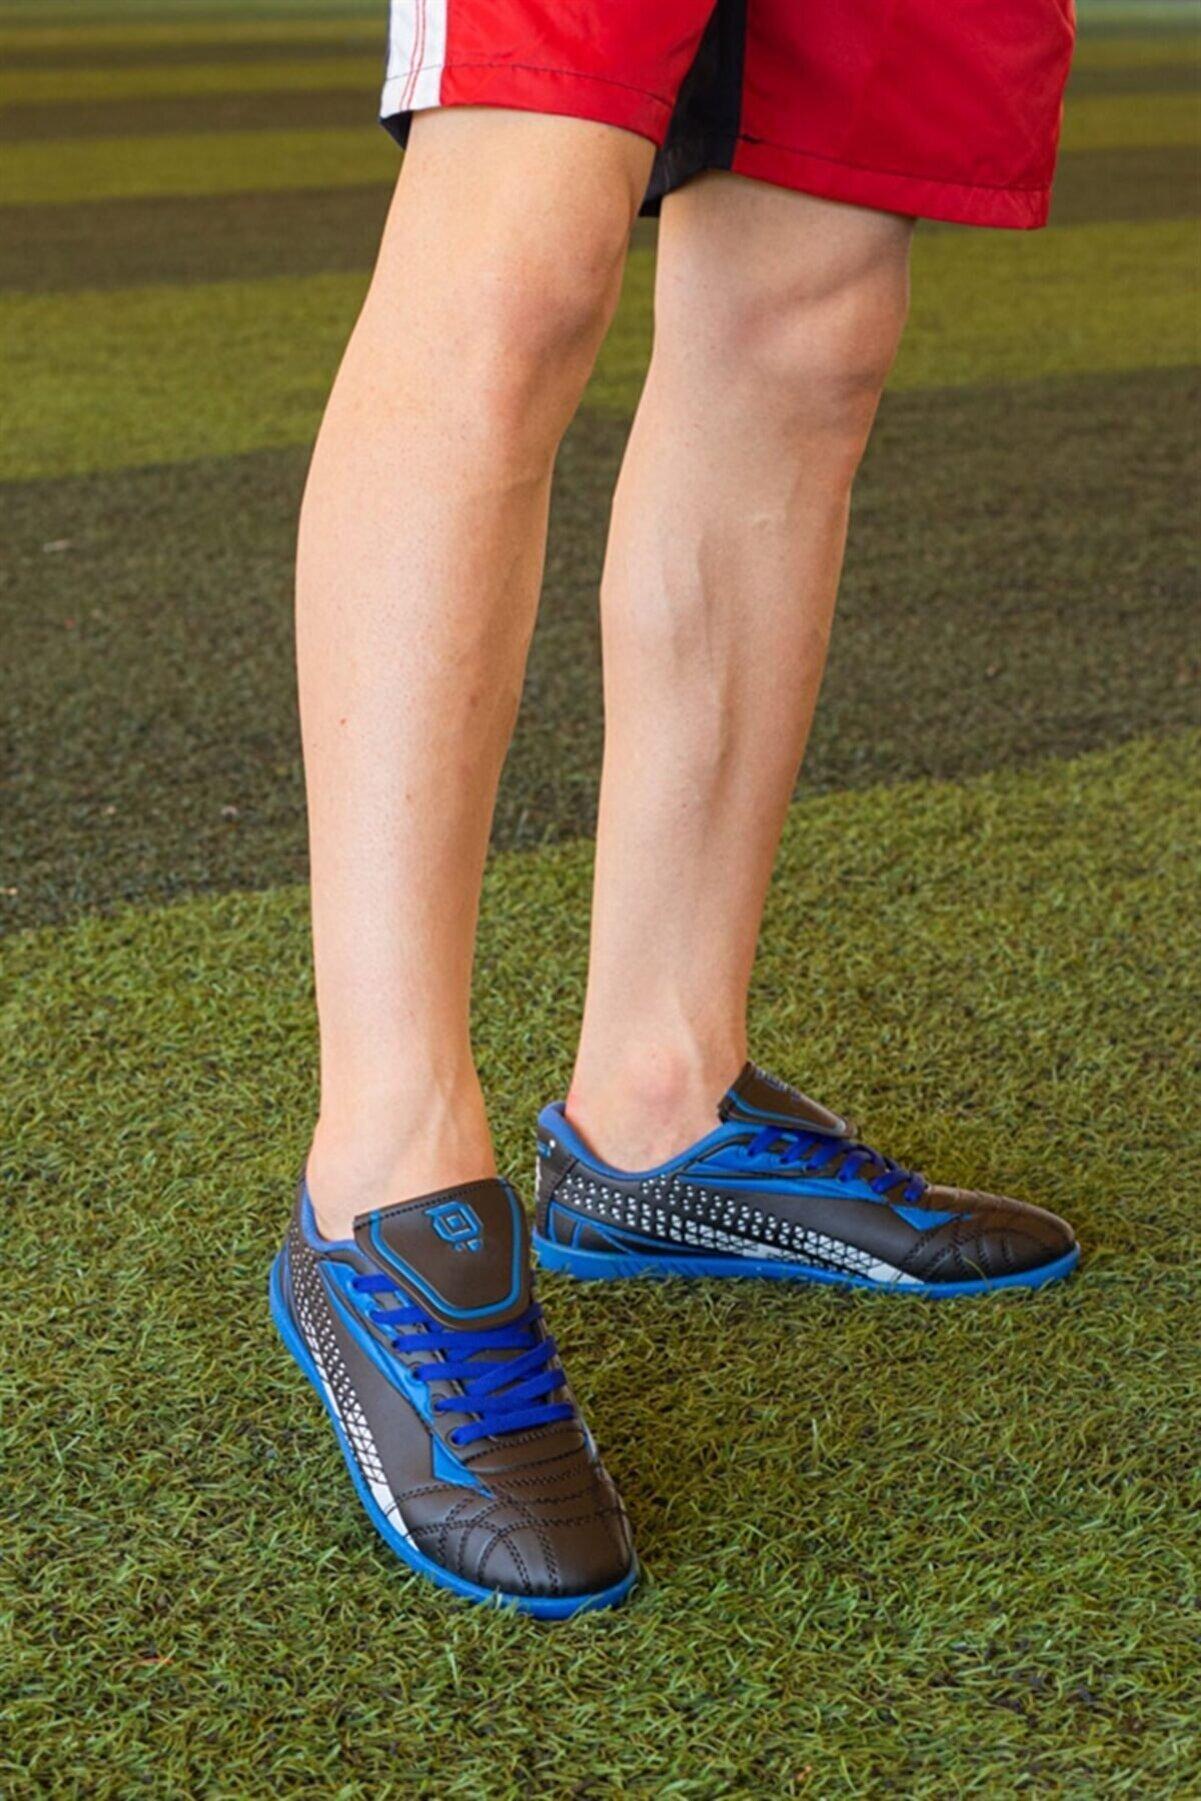 WOVS Erkek Halı Saha Ayakkabısı Mavi